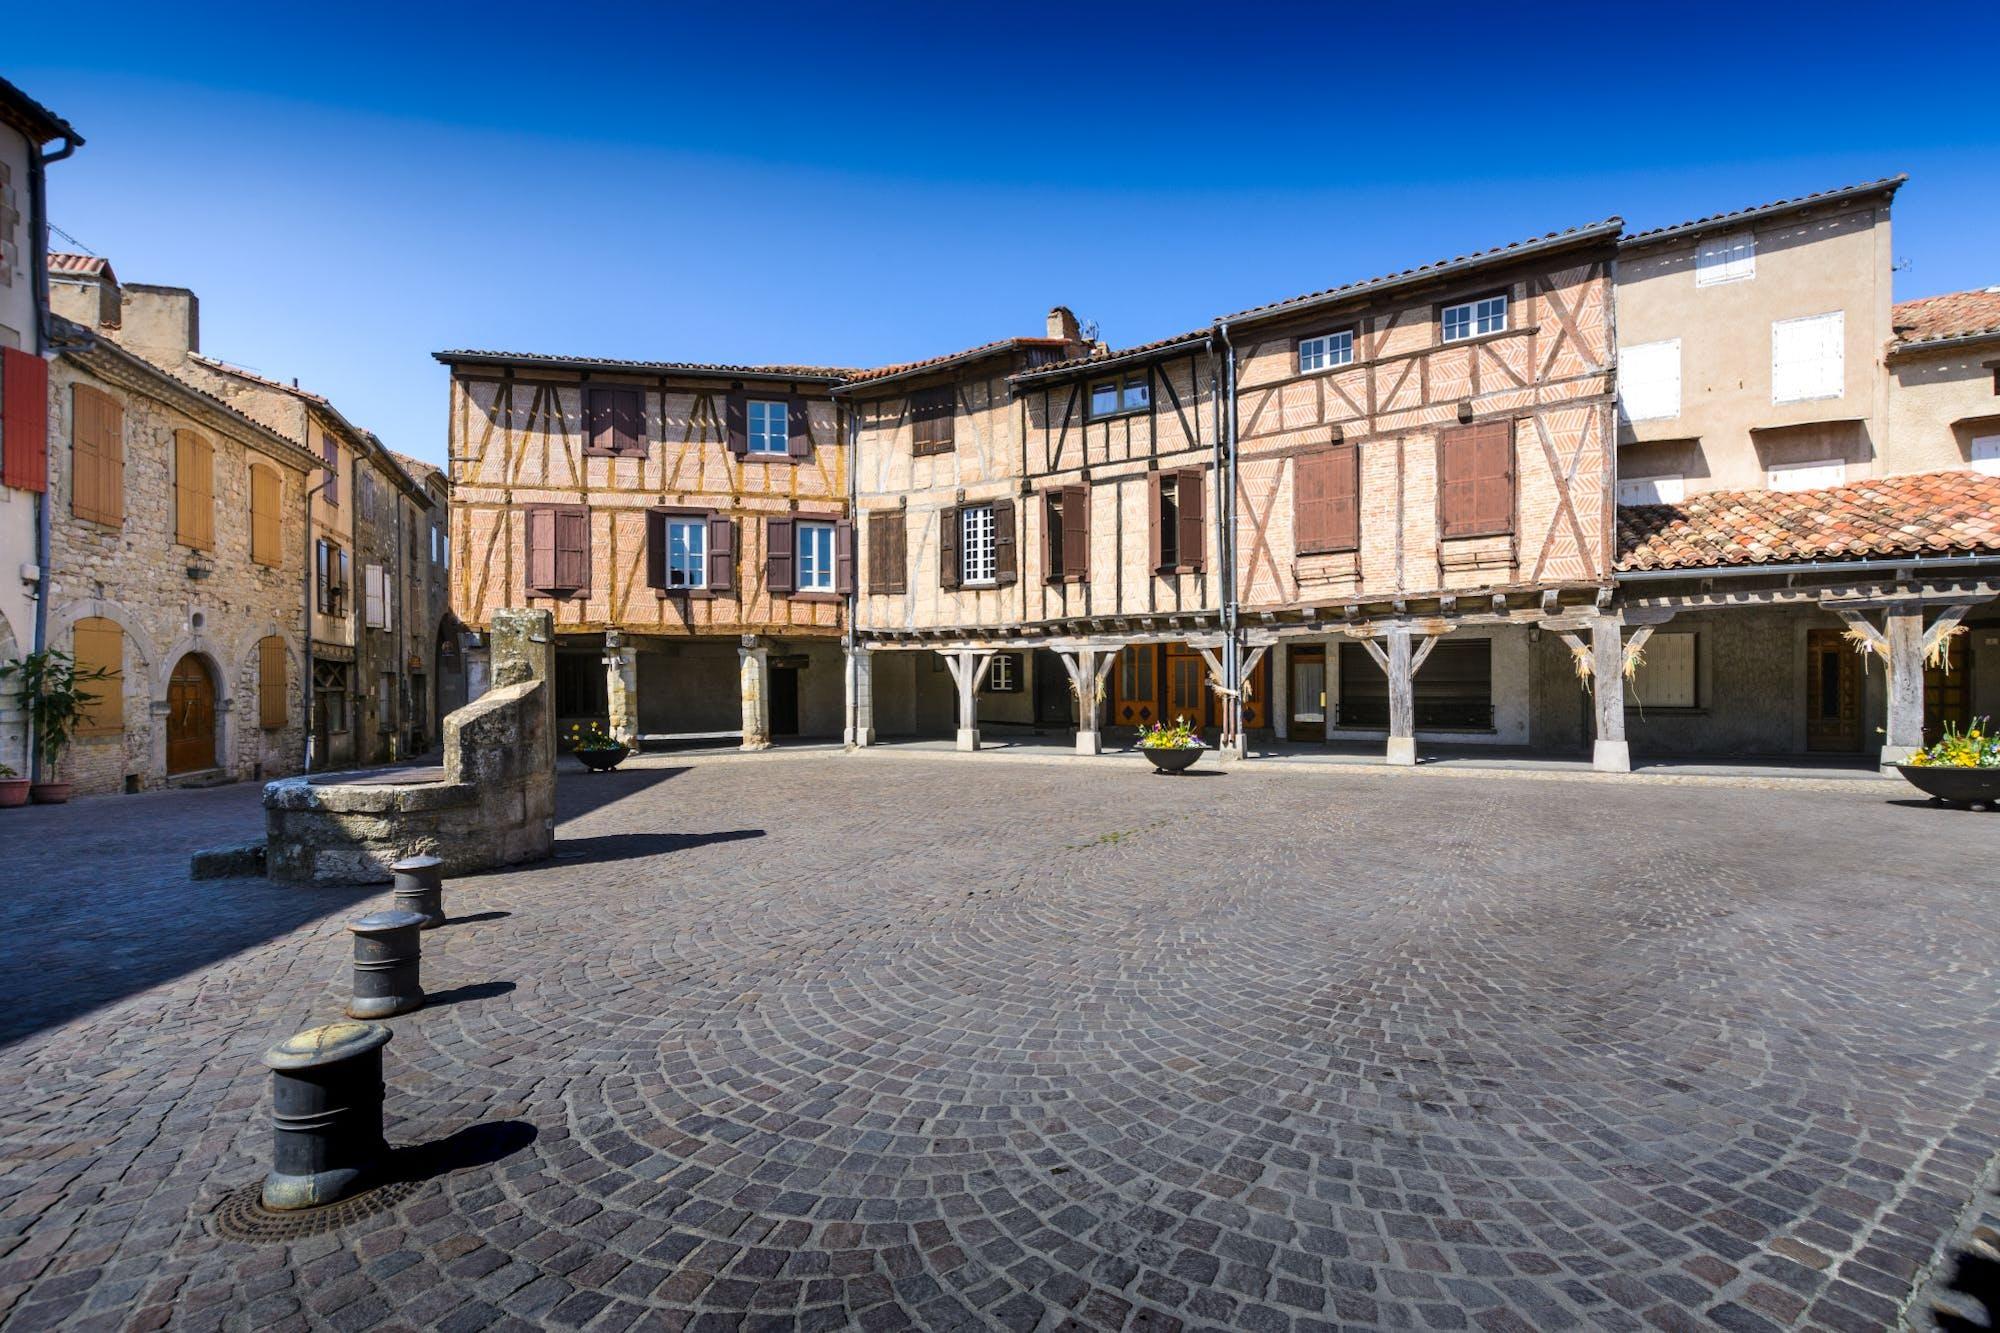 Place centrale du village médiéval de Lautrec